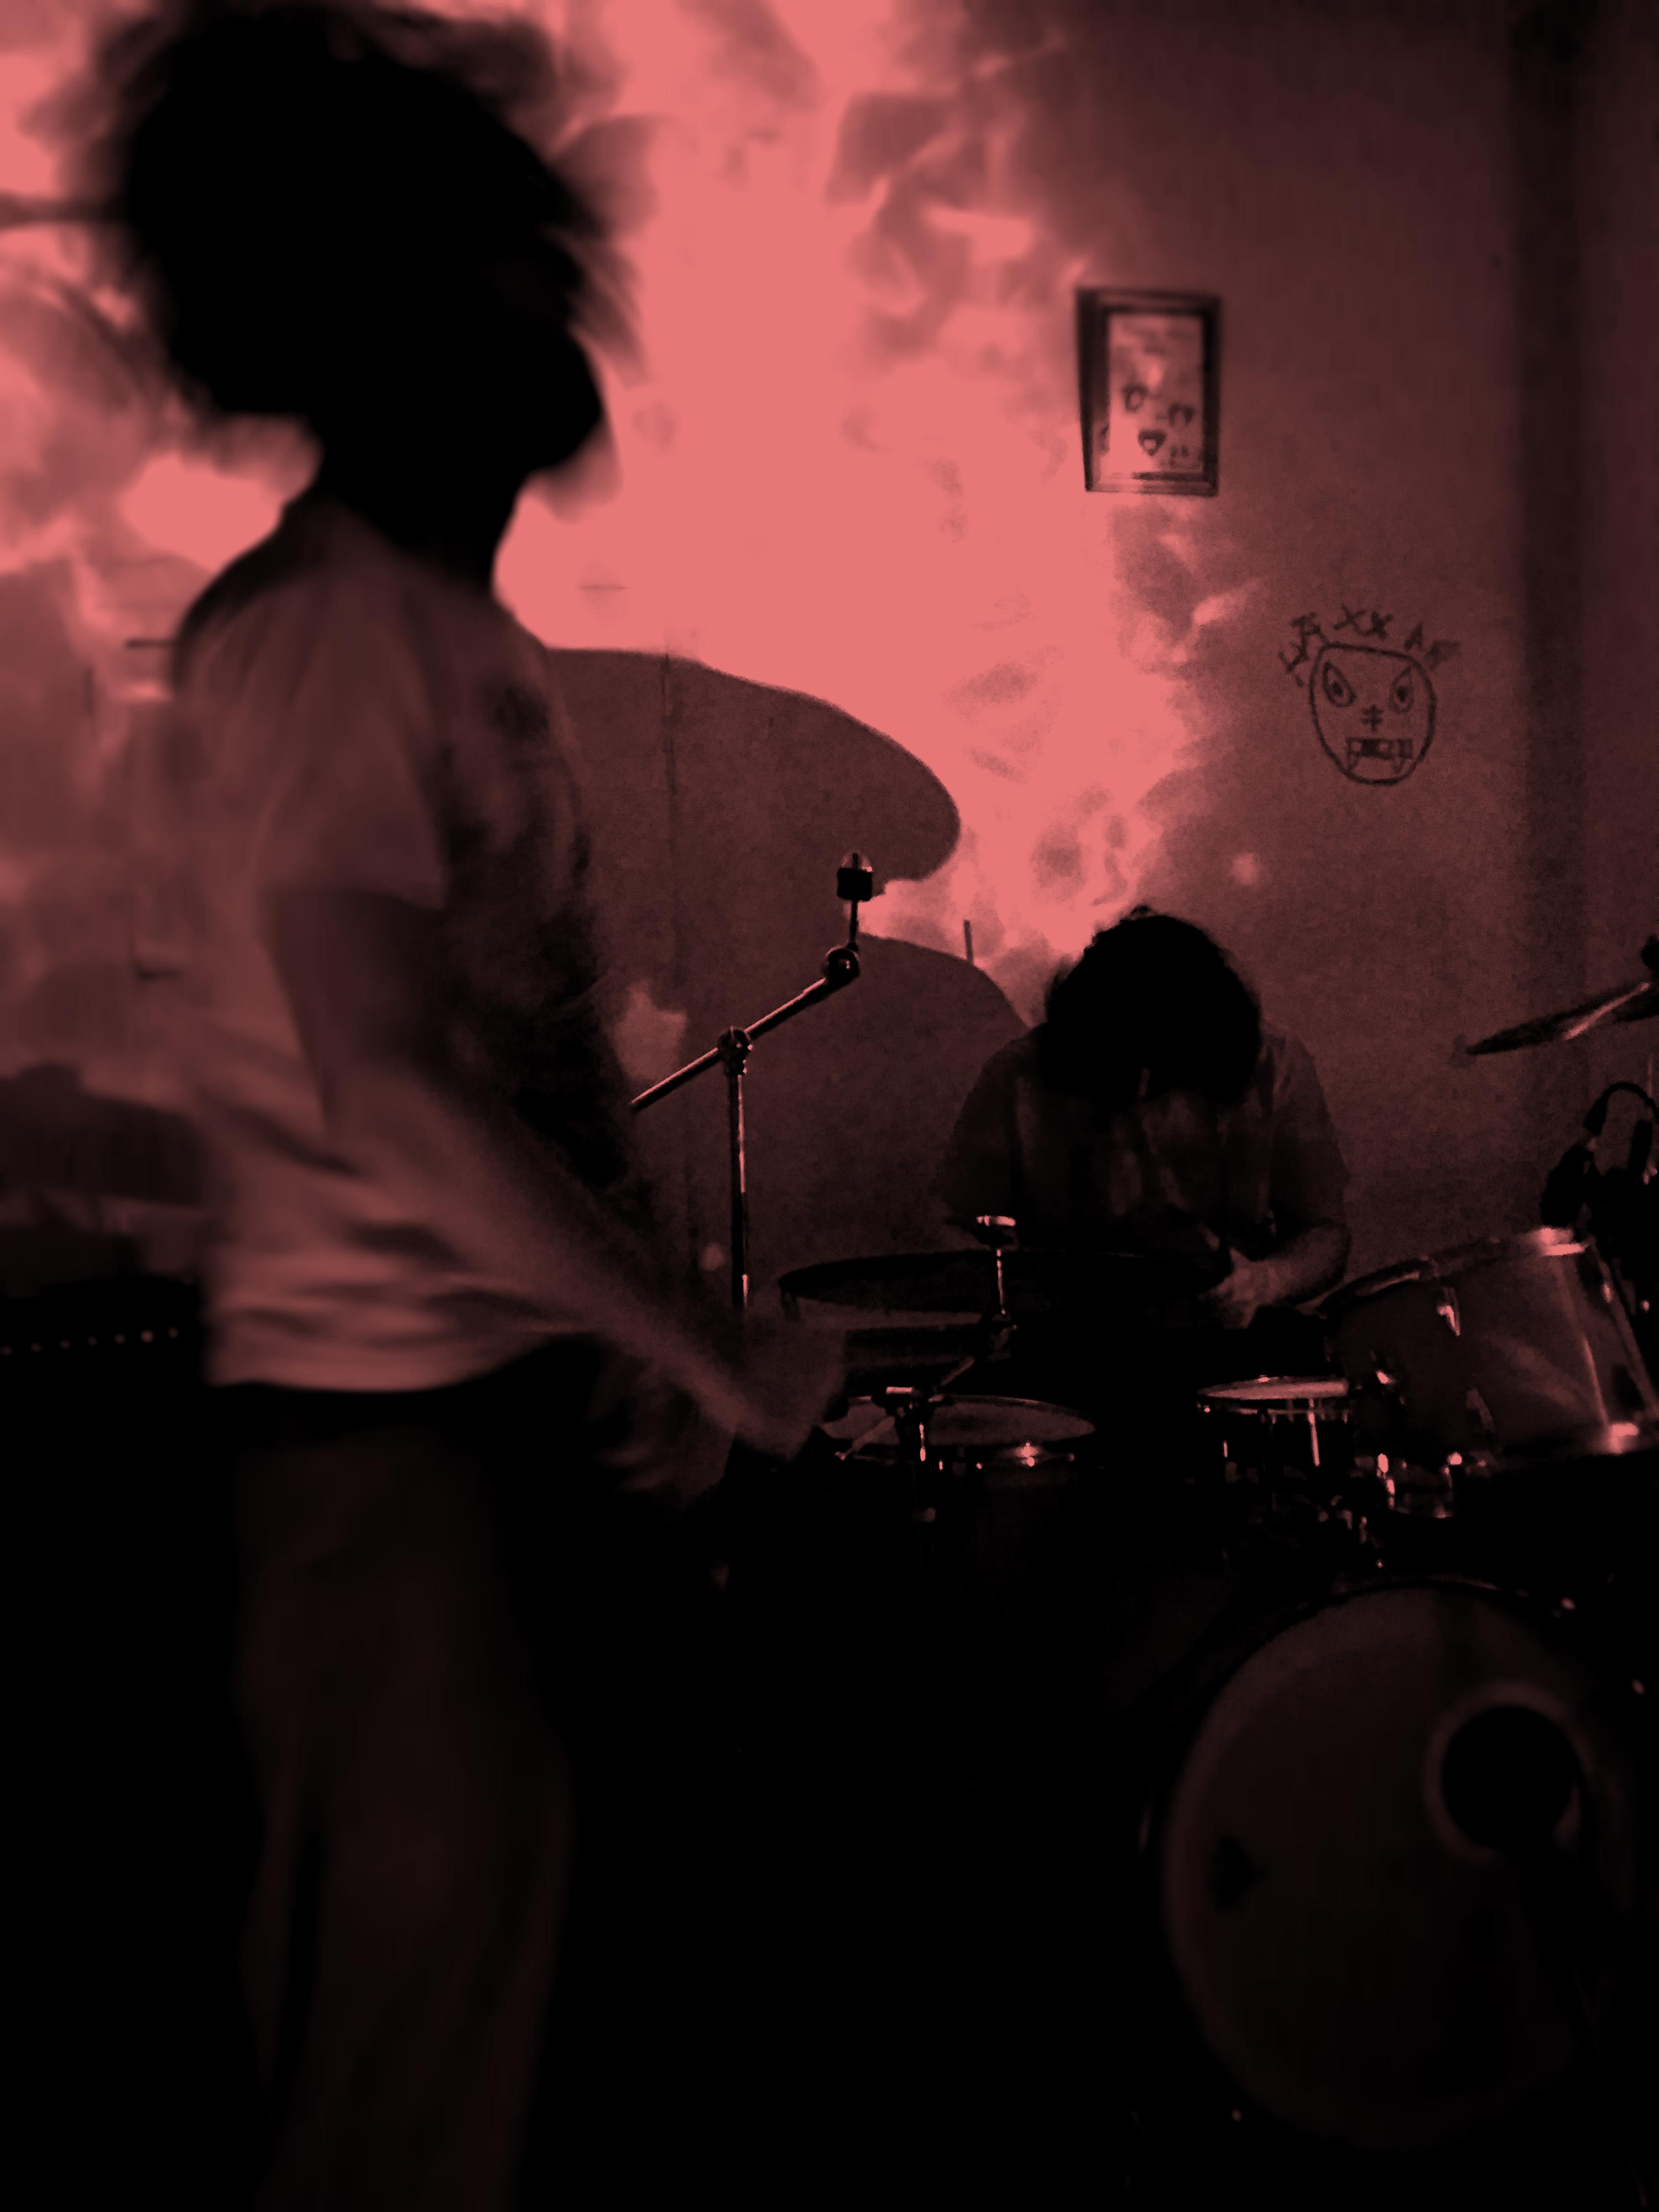 LIVE/180905-rita-mosss-chronoboros-boiler-review/rita-mosss-boiler-02.jpg